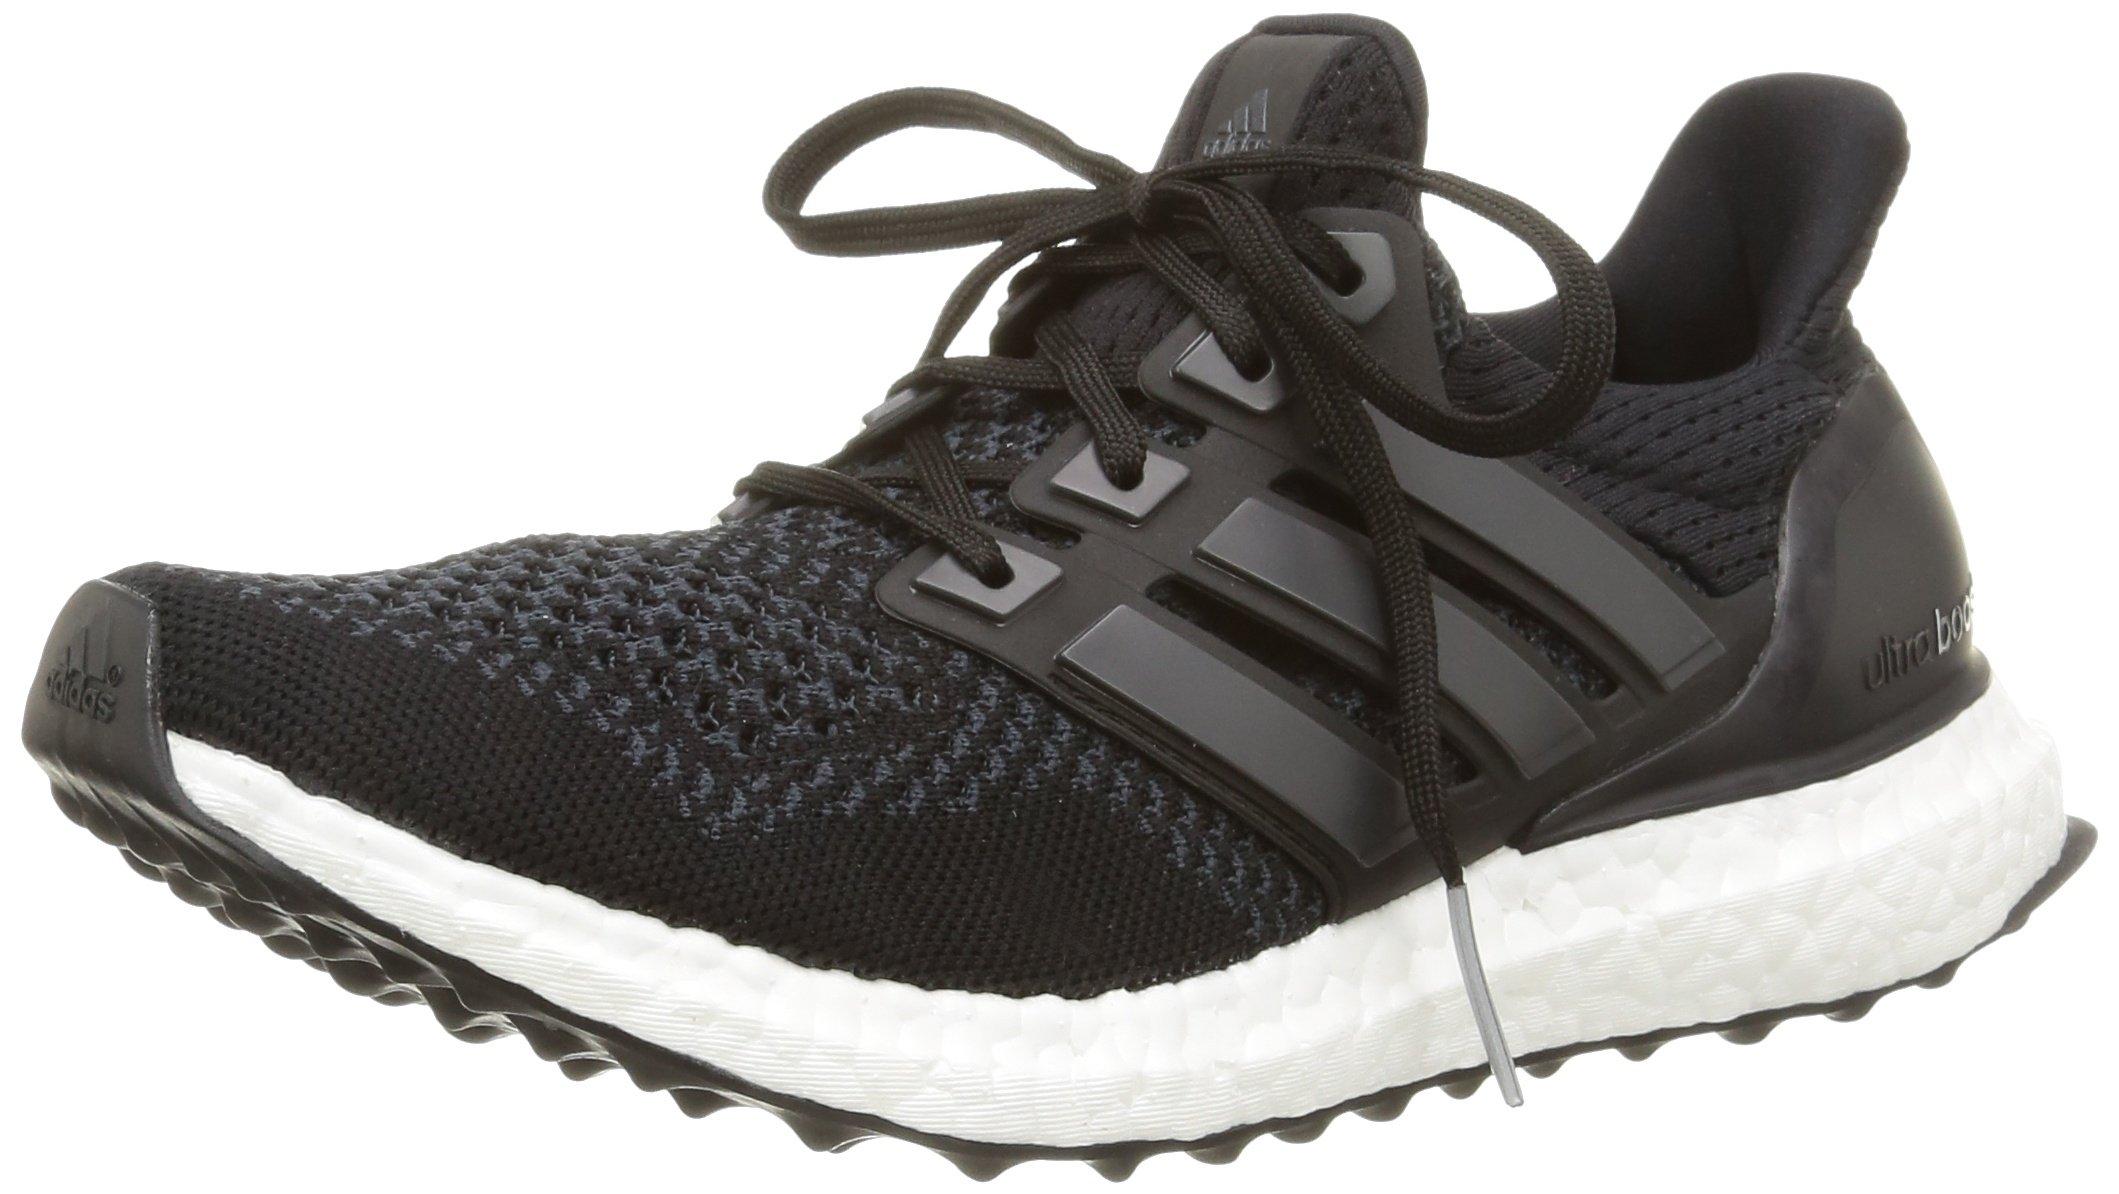 717Z5GuTkRL - adidas Ultra Boost, Women's Running Shoes